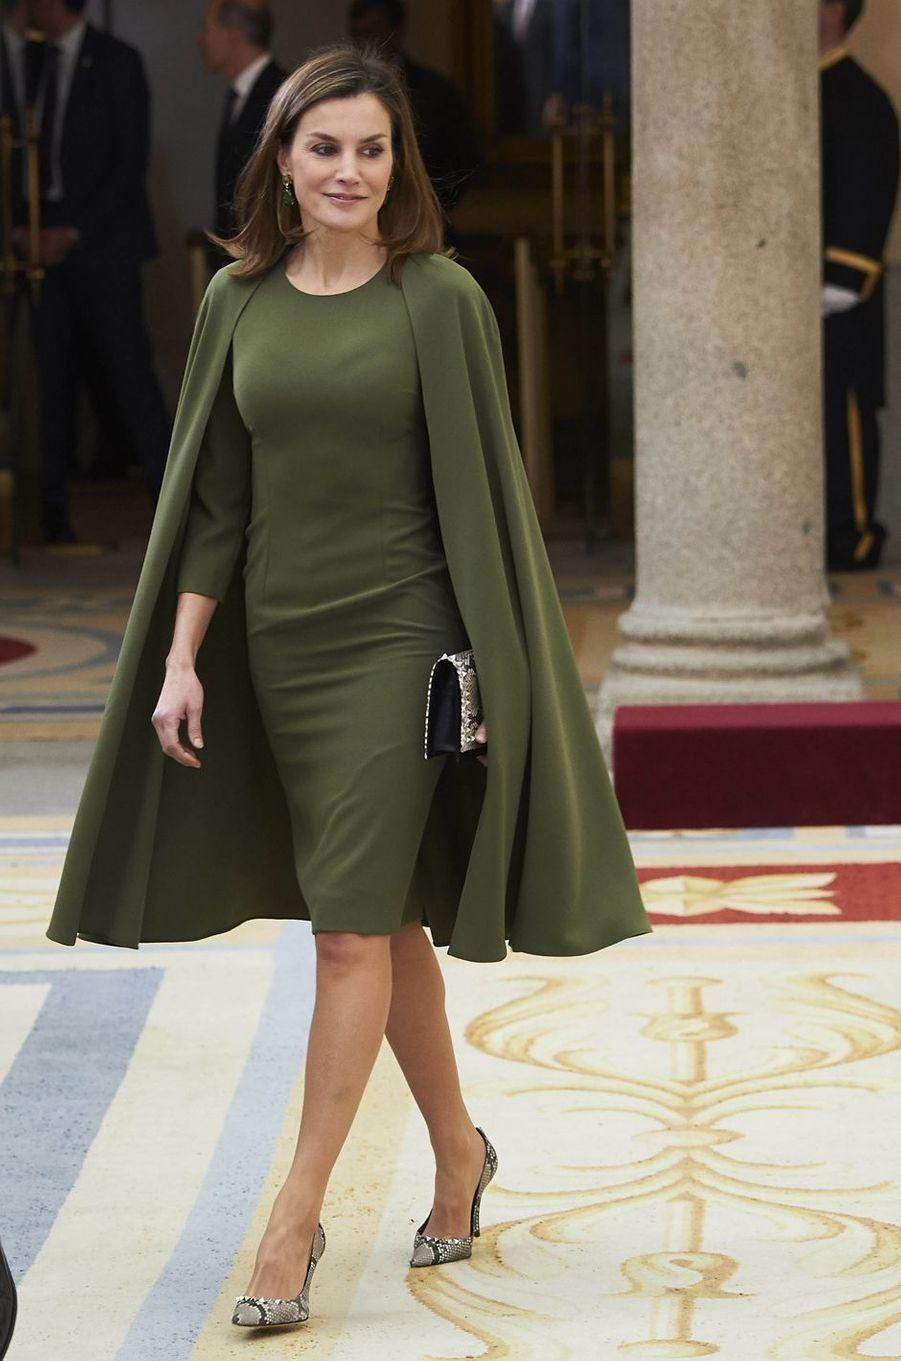 La reine Letizia d'Espagne à Madrid, le 19 février 2018